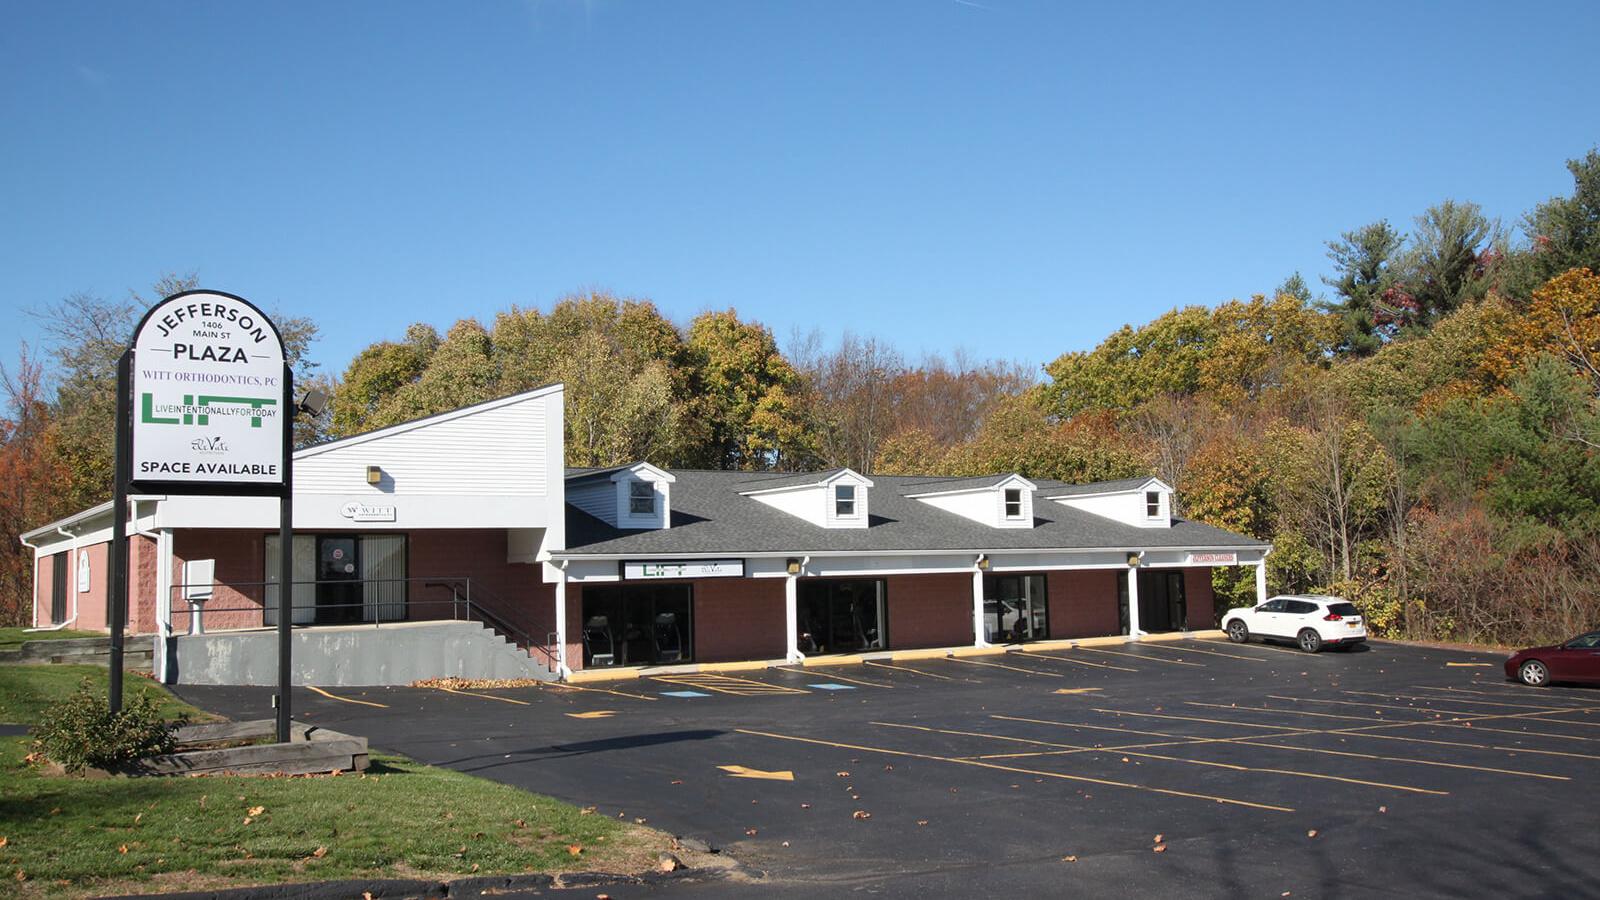 1406 Main Street, Holden, Massachusetts 01520, Retail / Restaurant,For Lease,Main Street,1299